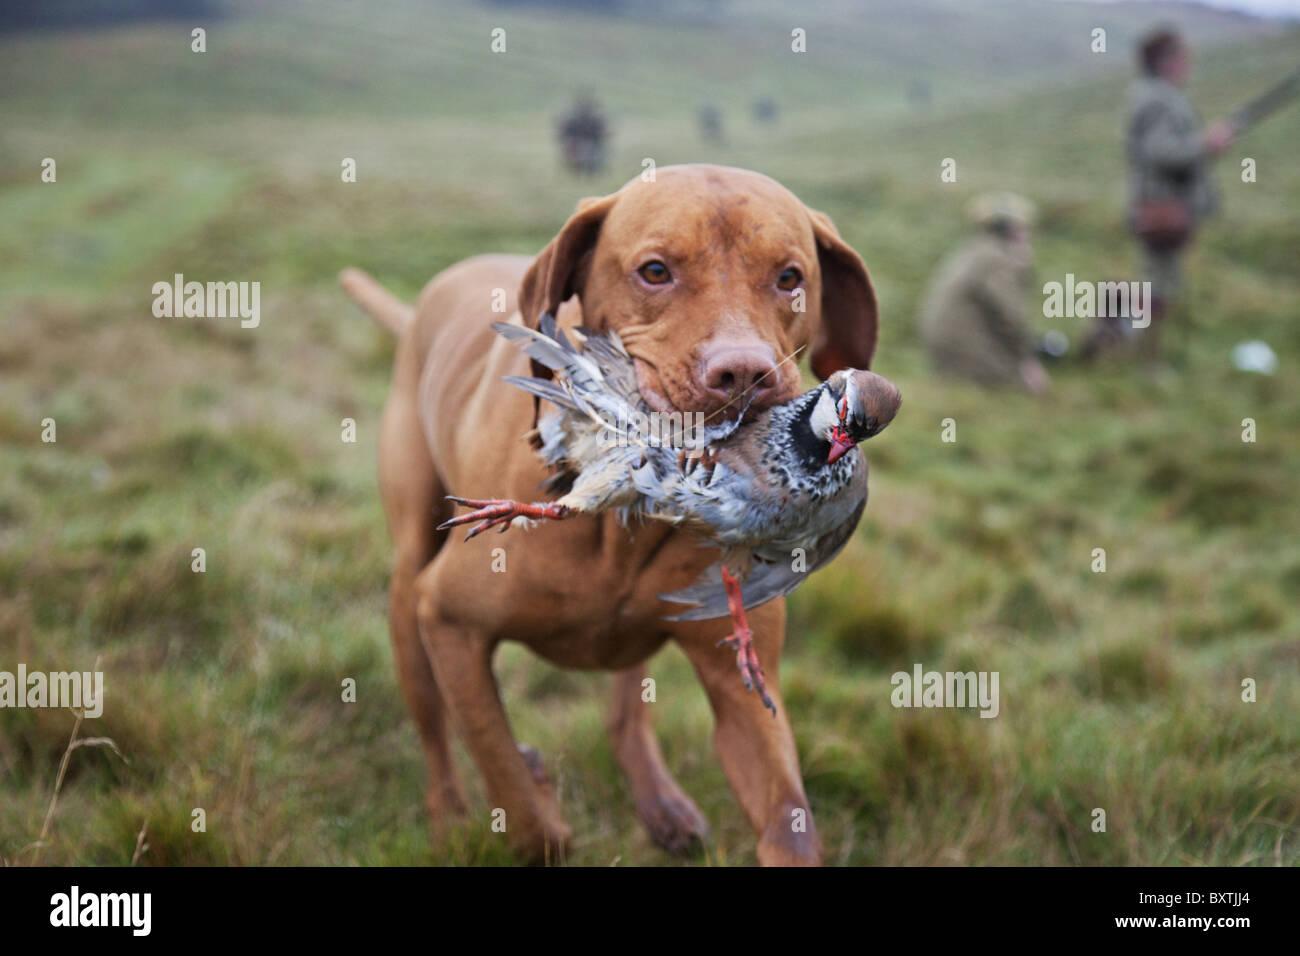 Vizsla devint bien formé avec pointeur partridge qui a été abattu lors d'une chasse. Photo Stock